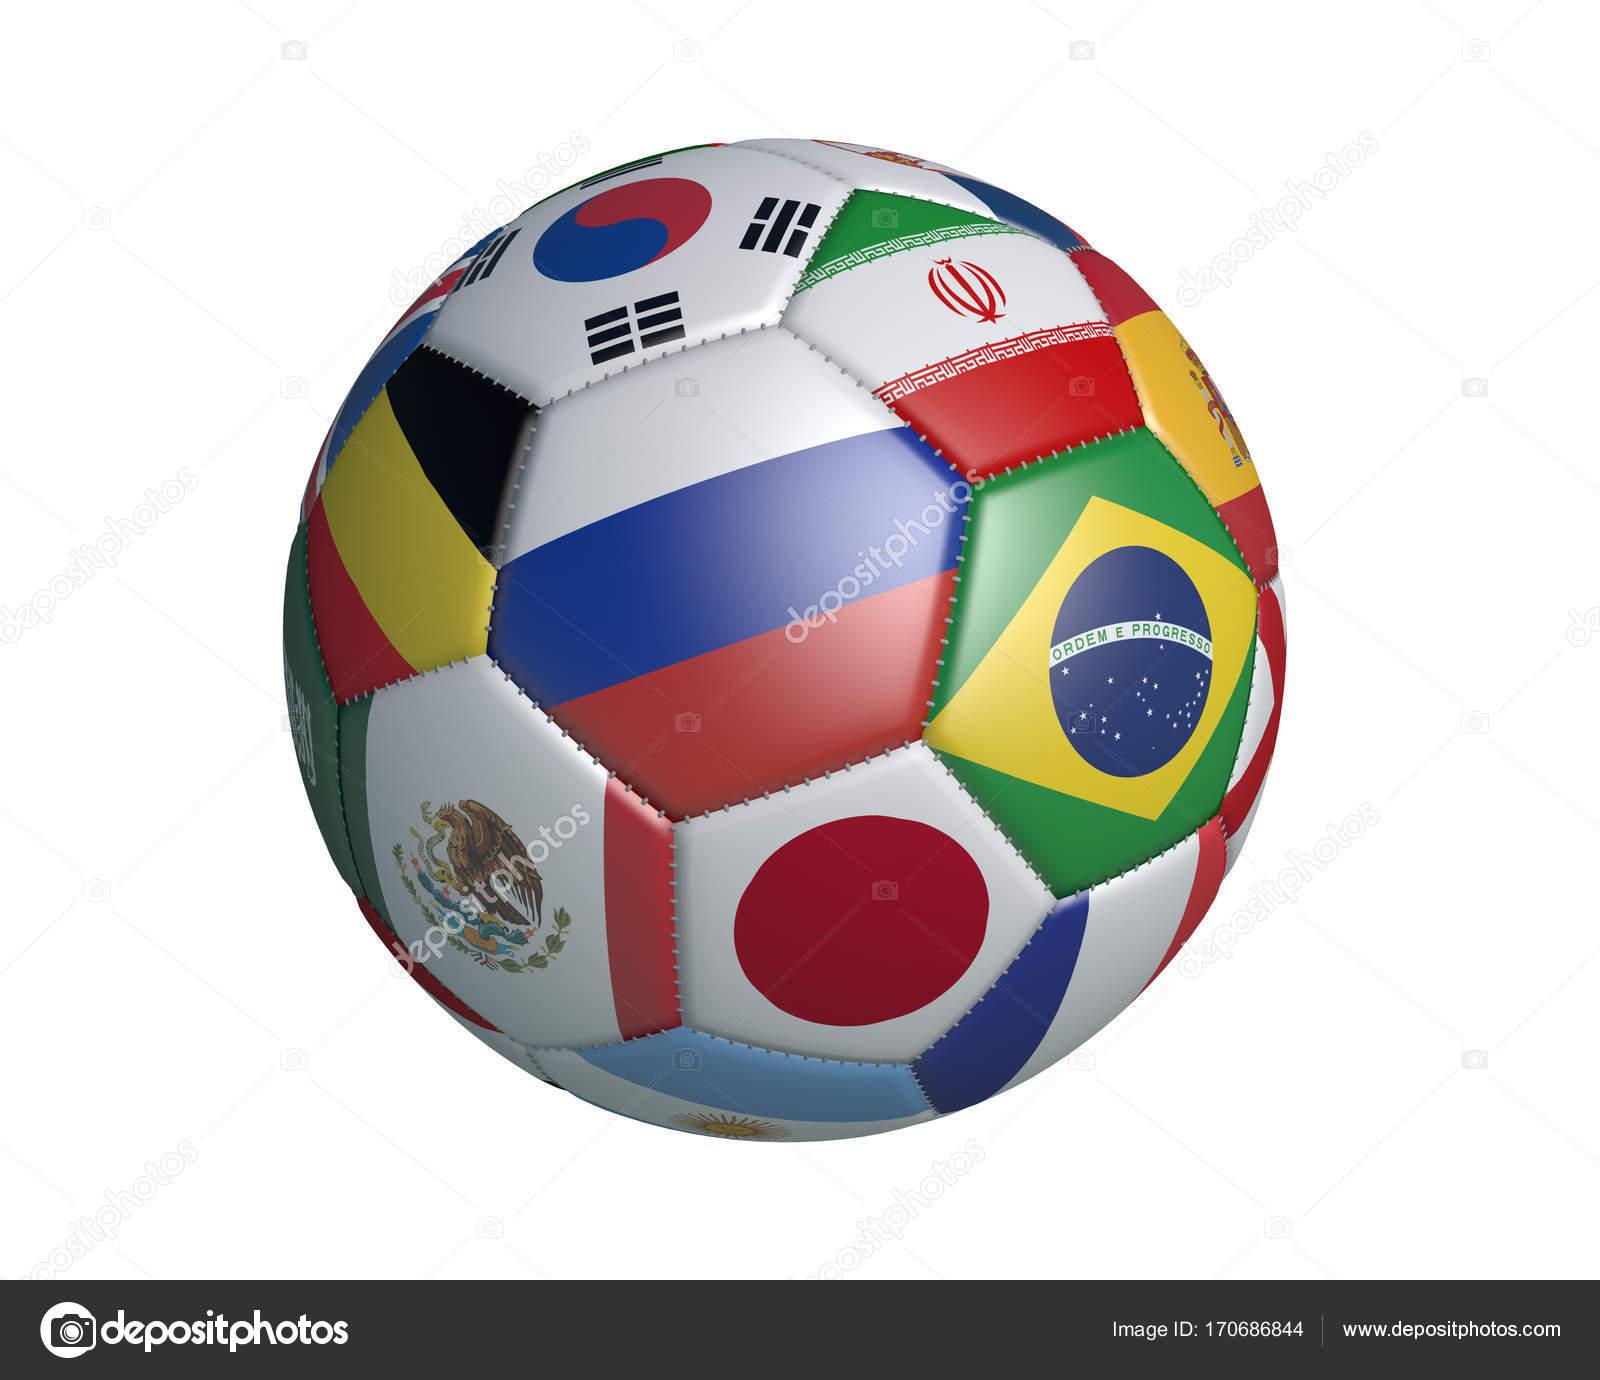 Isolierte Fußball mit Farben Flaggen der Staaten, die Teilnahme an ...